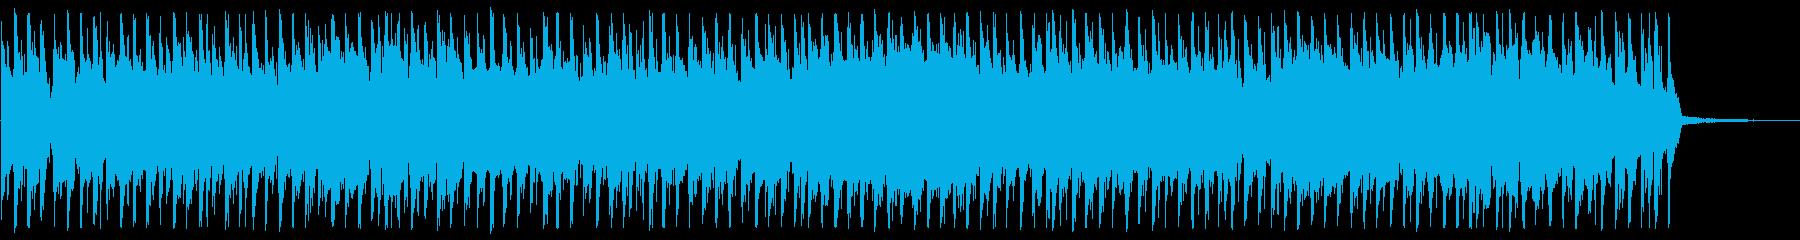 レトロ/エレクトロ_No455_4の再生済みの波形